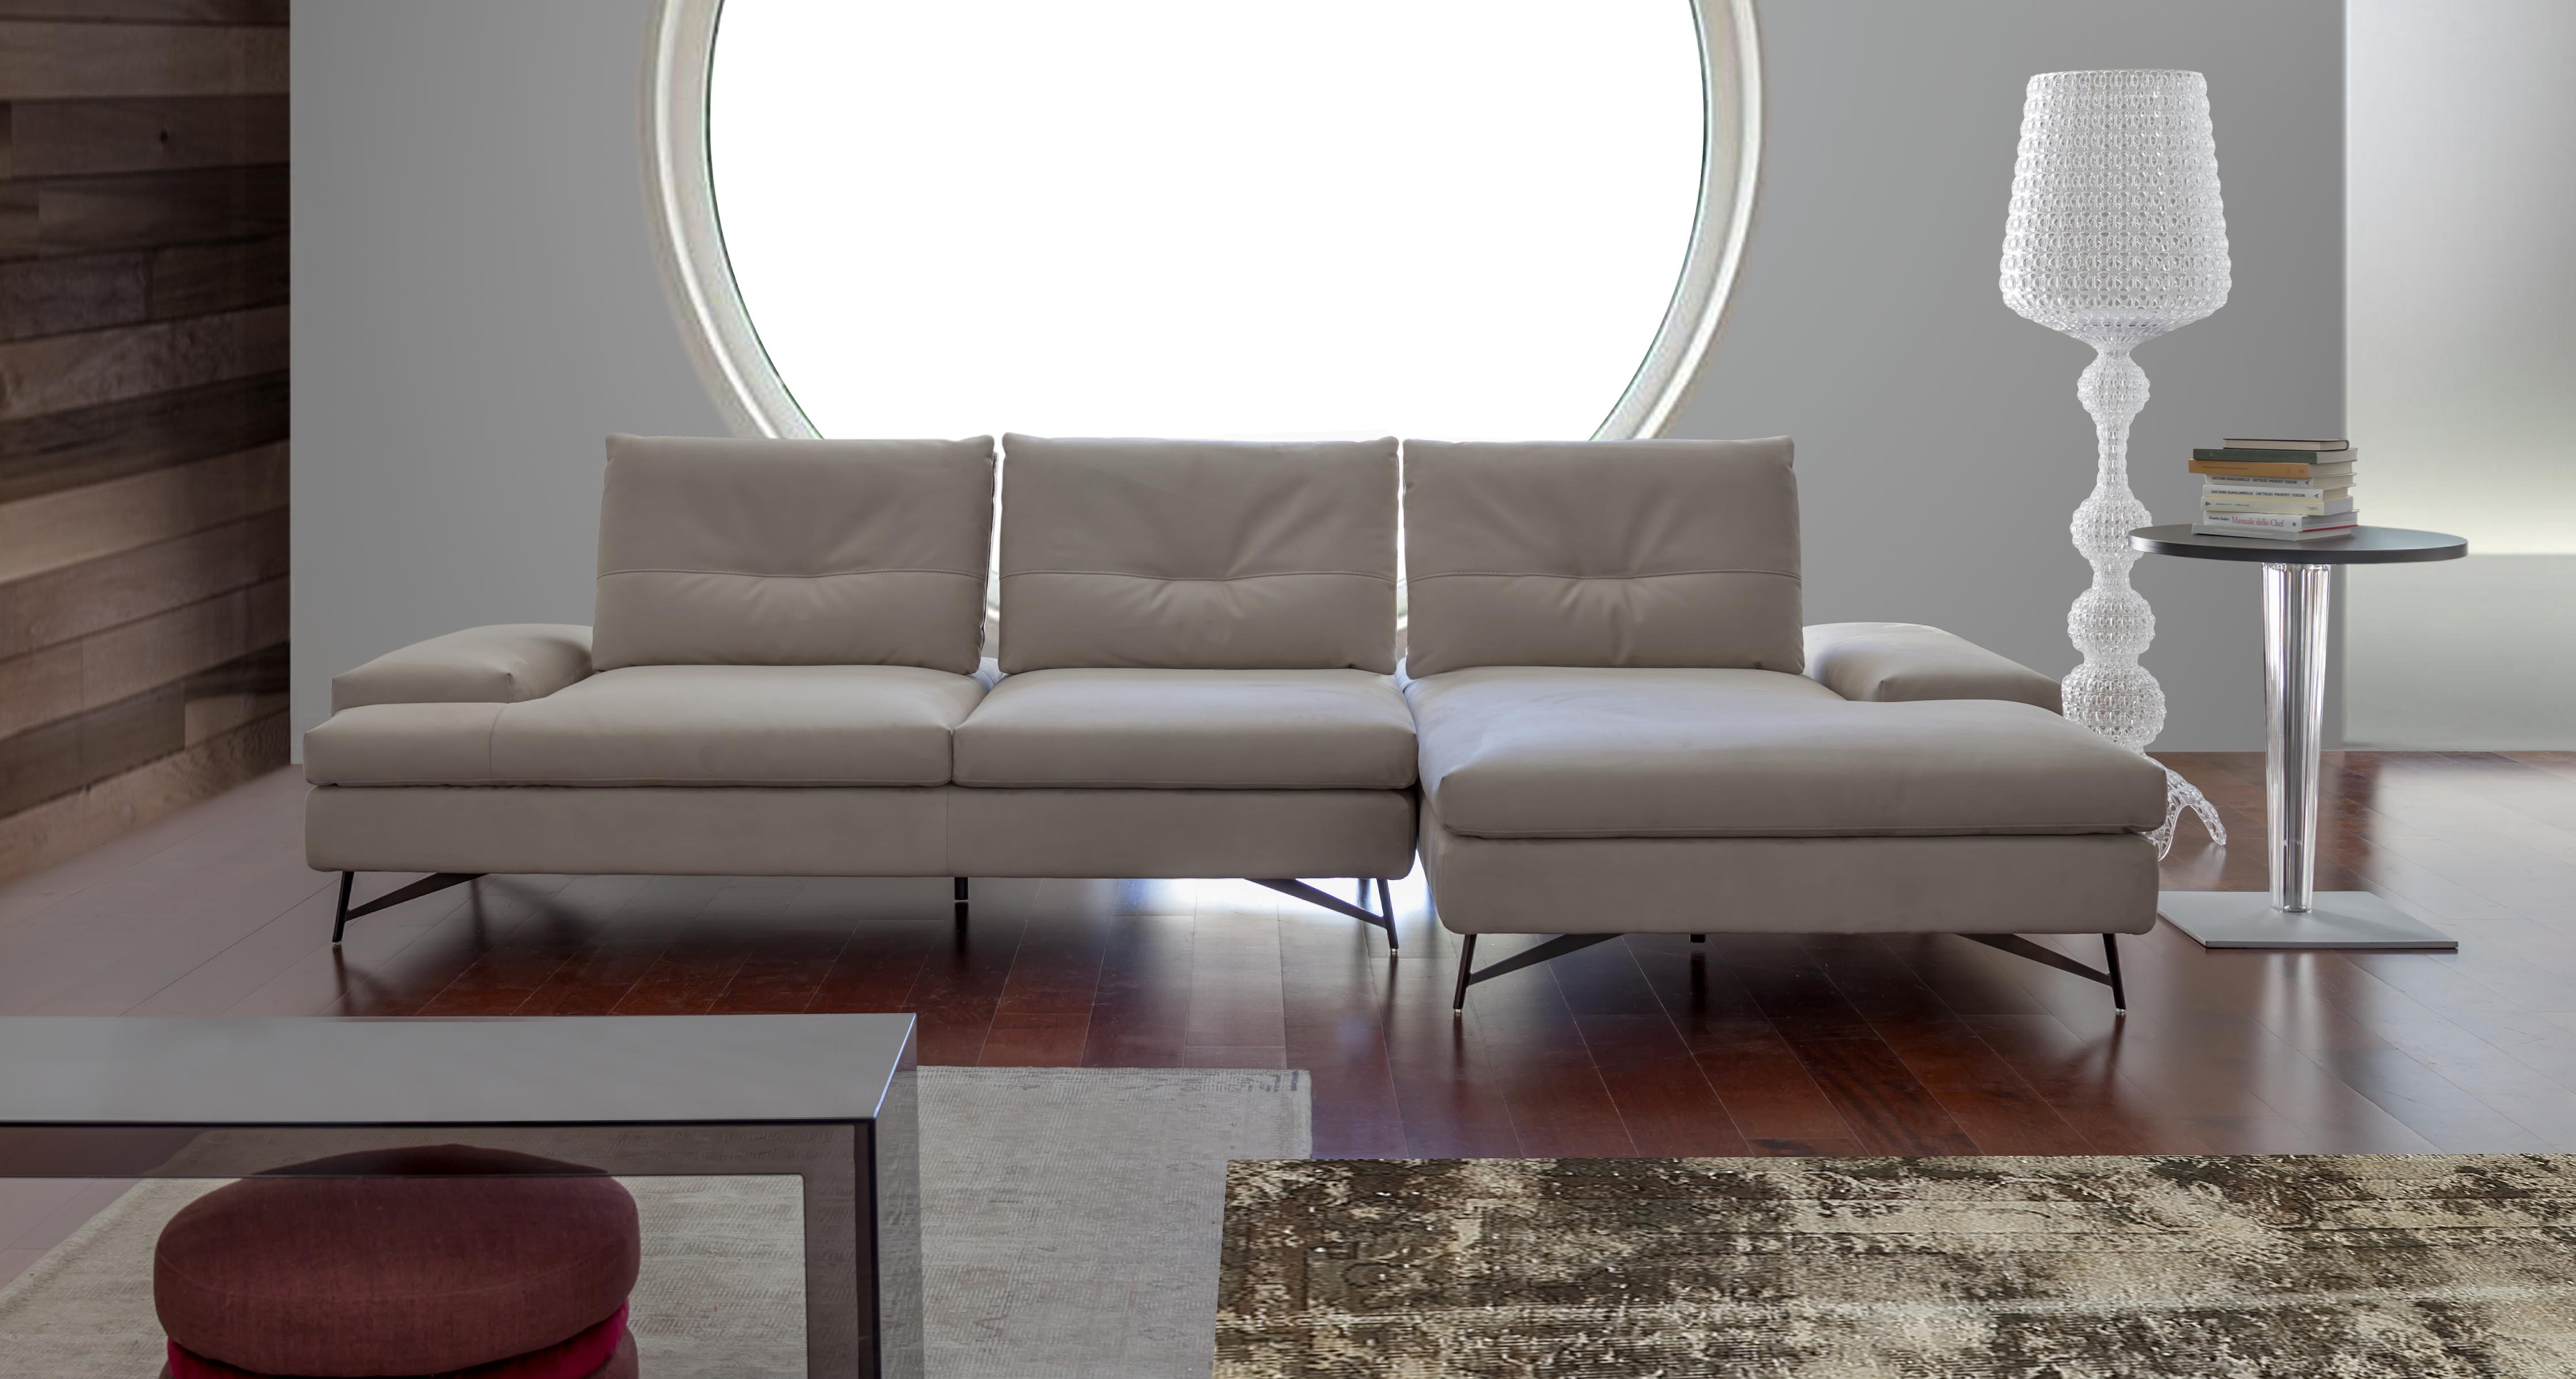 Calia Italia Tobia Idee per decorare la casa, Divani